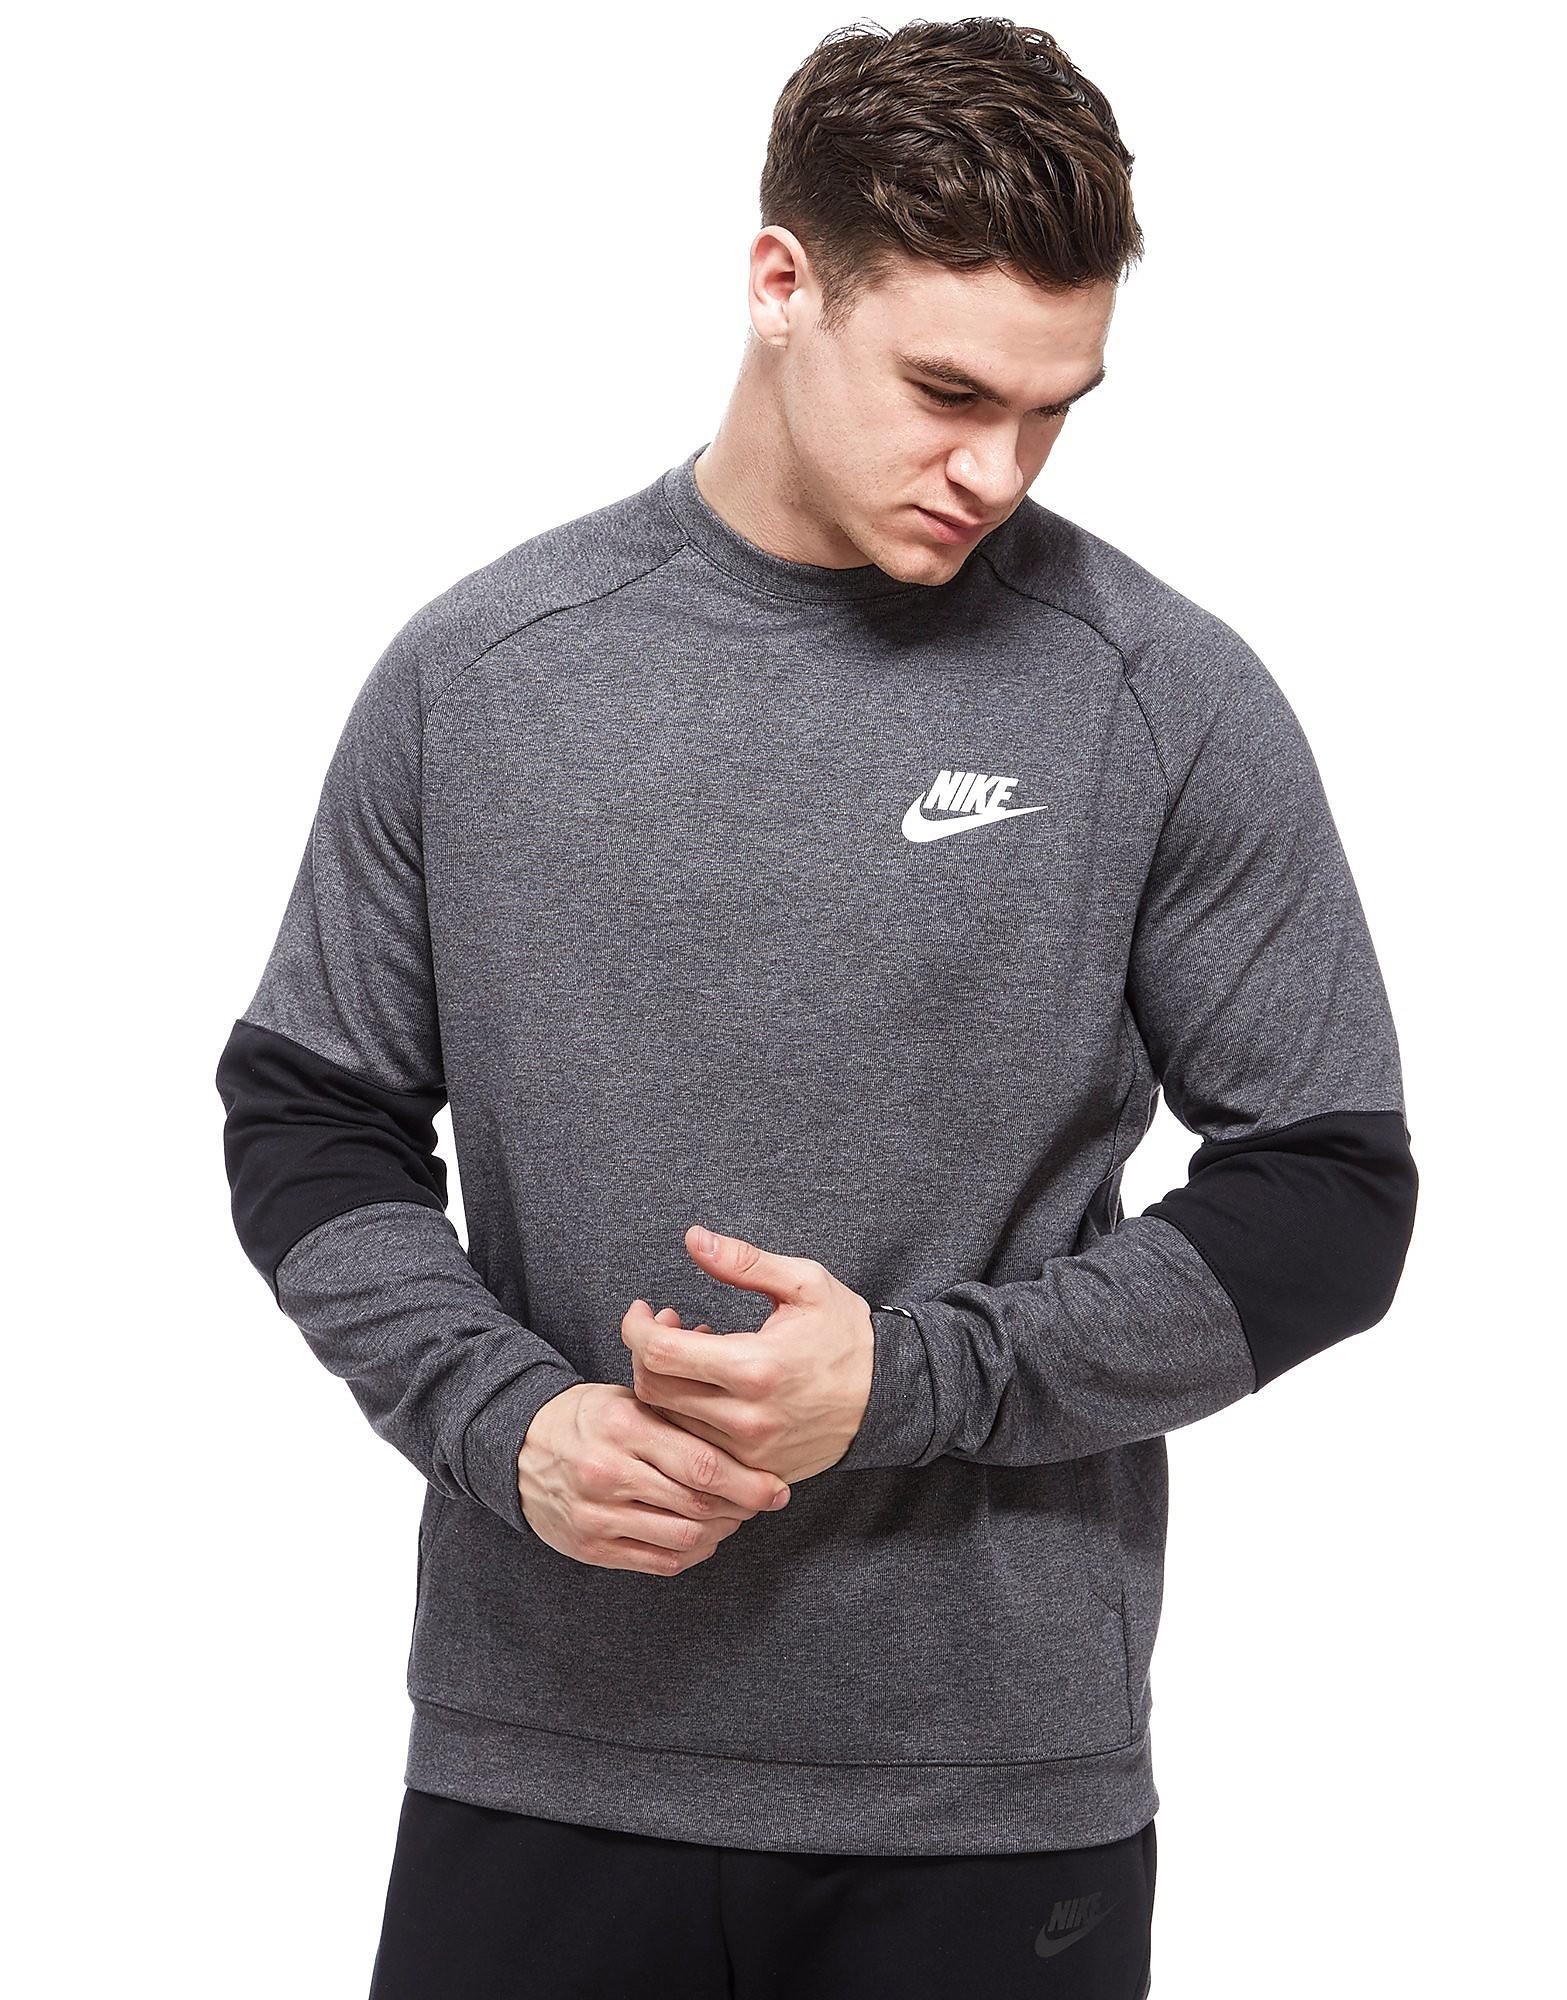 Nike Advanced Crew Sweatshirt